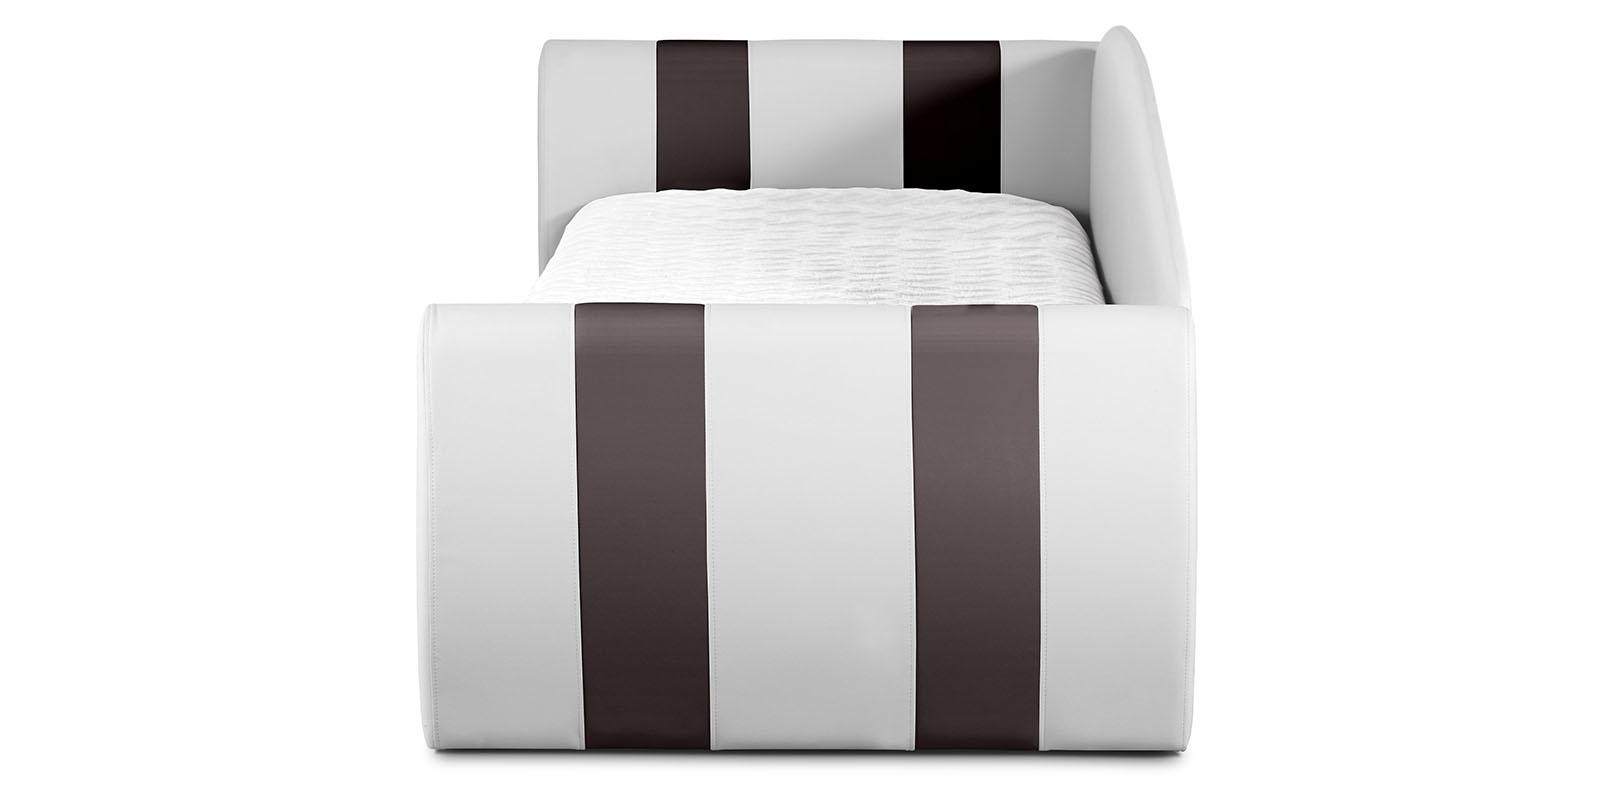 Мягкая кровать 190х90 Монако угол левый (белый/шоколад) от HomeMe.ru